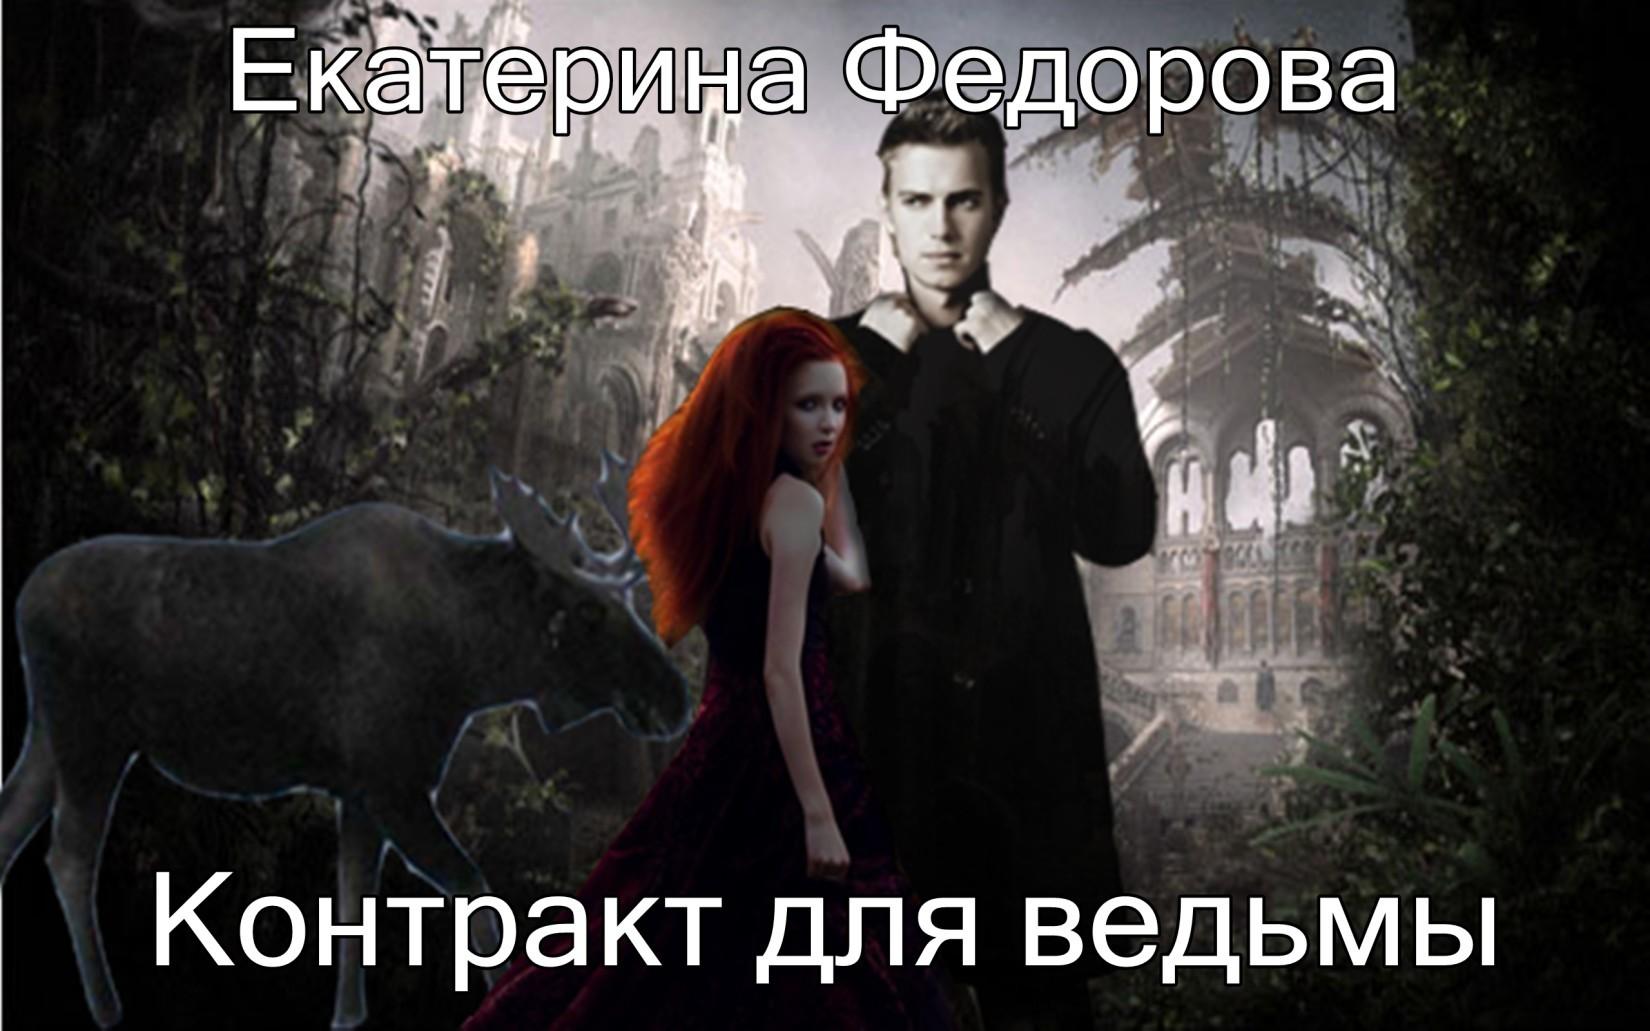 Екатерина Федорова - Контракт для ведьмы